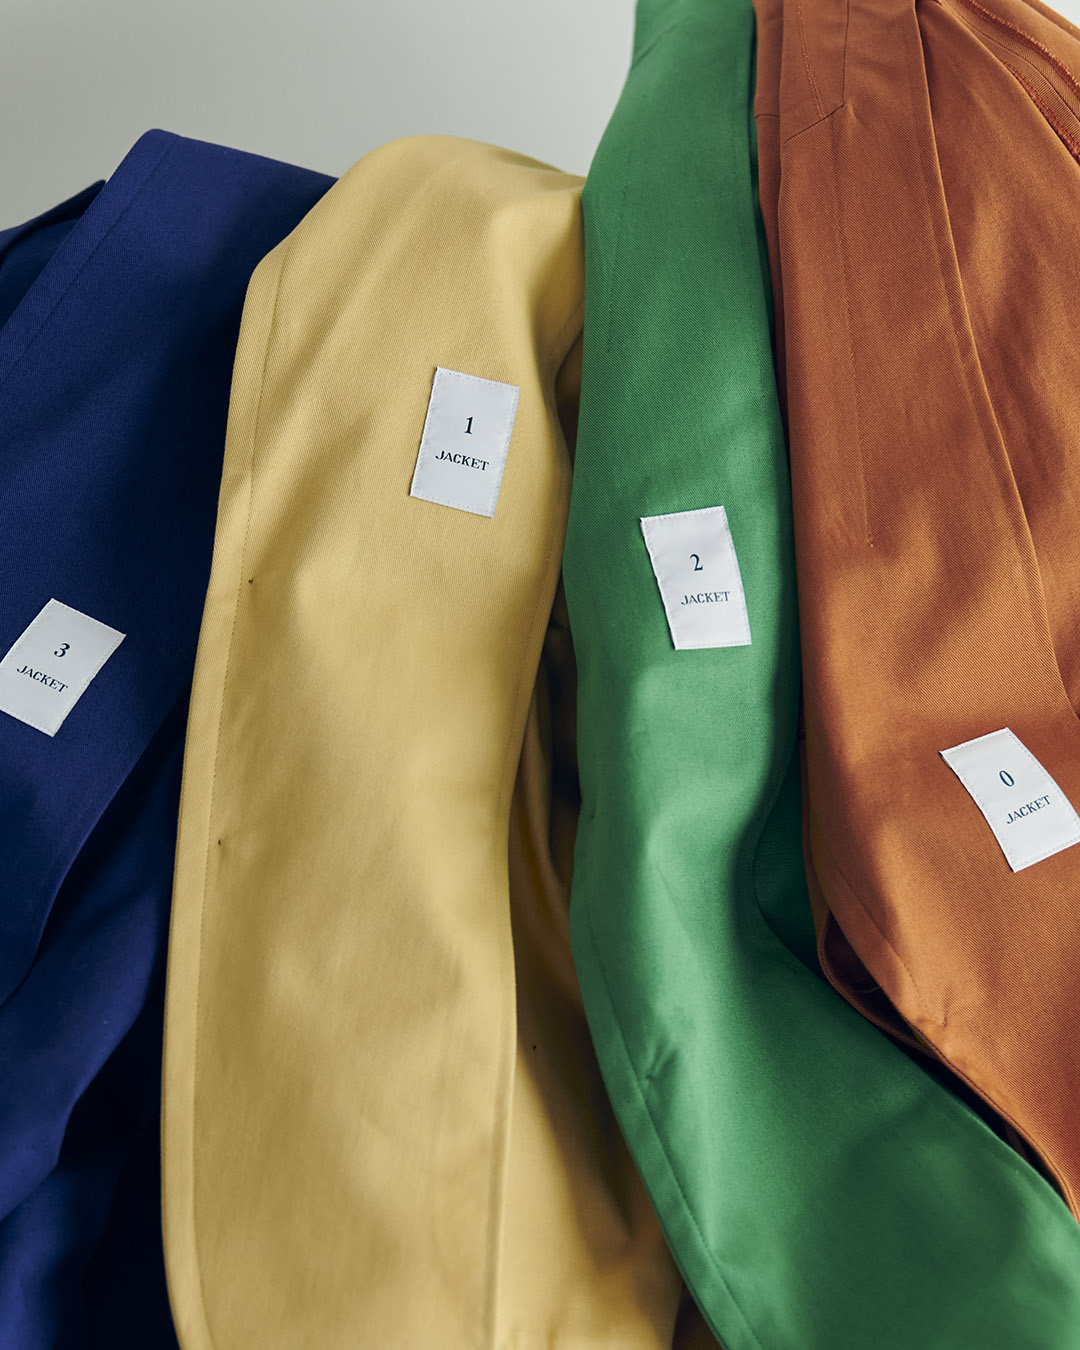 気になる! 1型4色だけの「ジャケット」受注会が、週末にユナイテッドアローズ 原宿本店で。